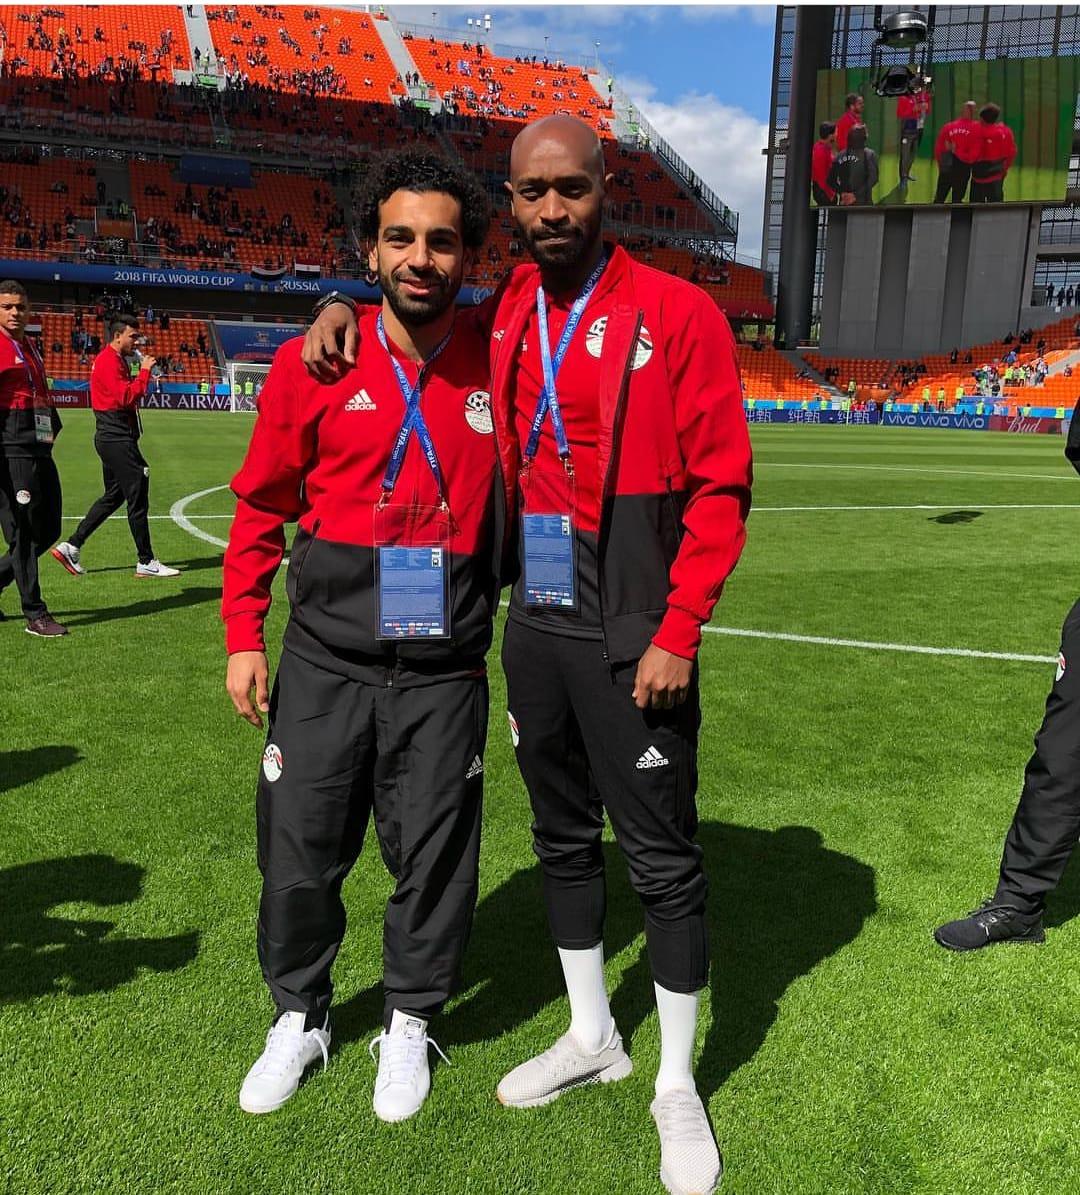 شيكابال مع محمد صالح فى كأس العالم بروسيا